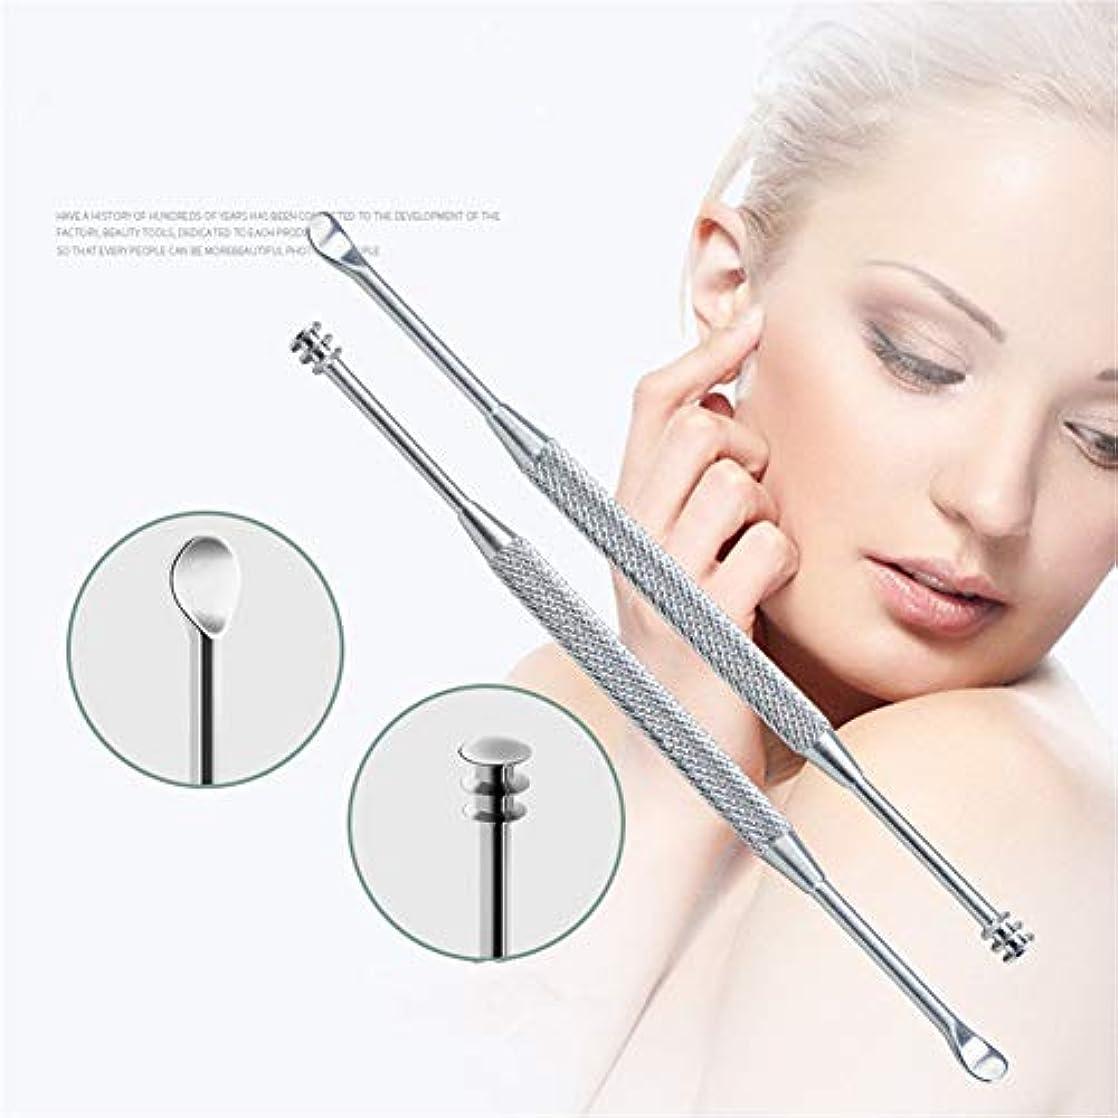 厳じゃないガチョウZHQI-GH 1ピース&3ピース新しいステンレス鋼の皮の耳シルバーディグ耳かきワックスリムーバーキュレット用クリーニング耳スプーンクリーンヘルスケア耳ケアツール40 (色 : Silver, Size : 1pcs)